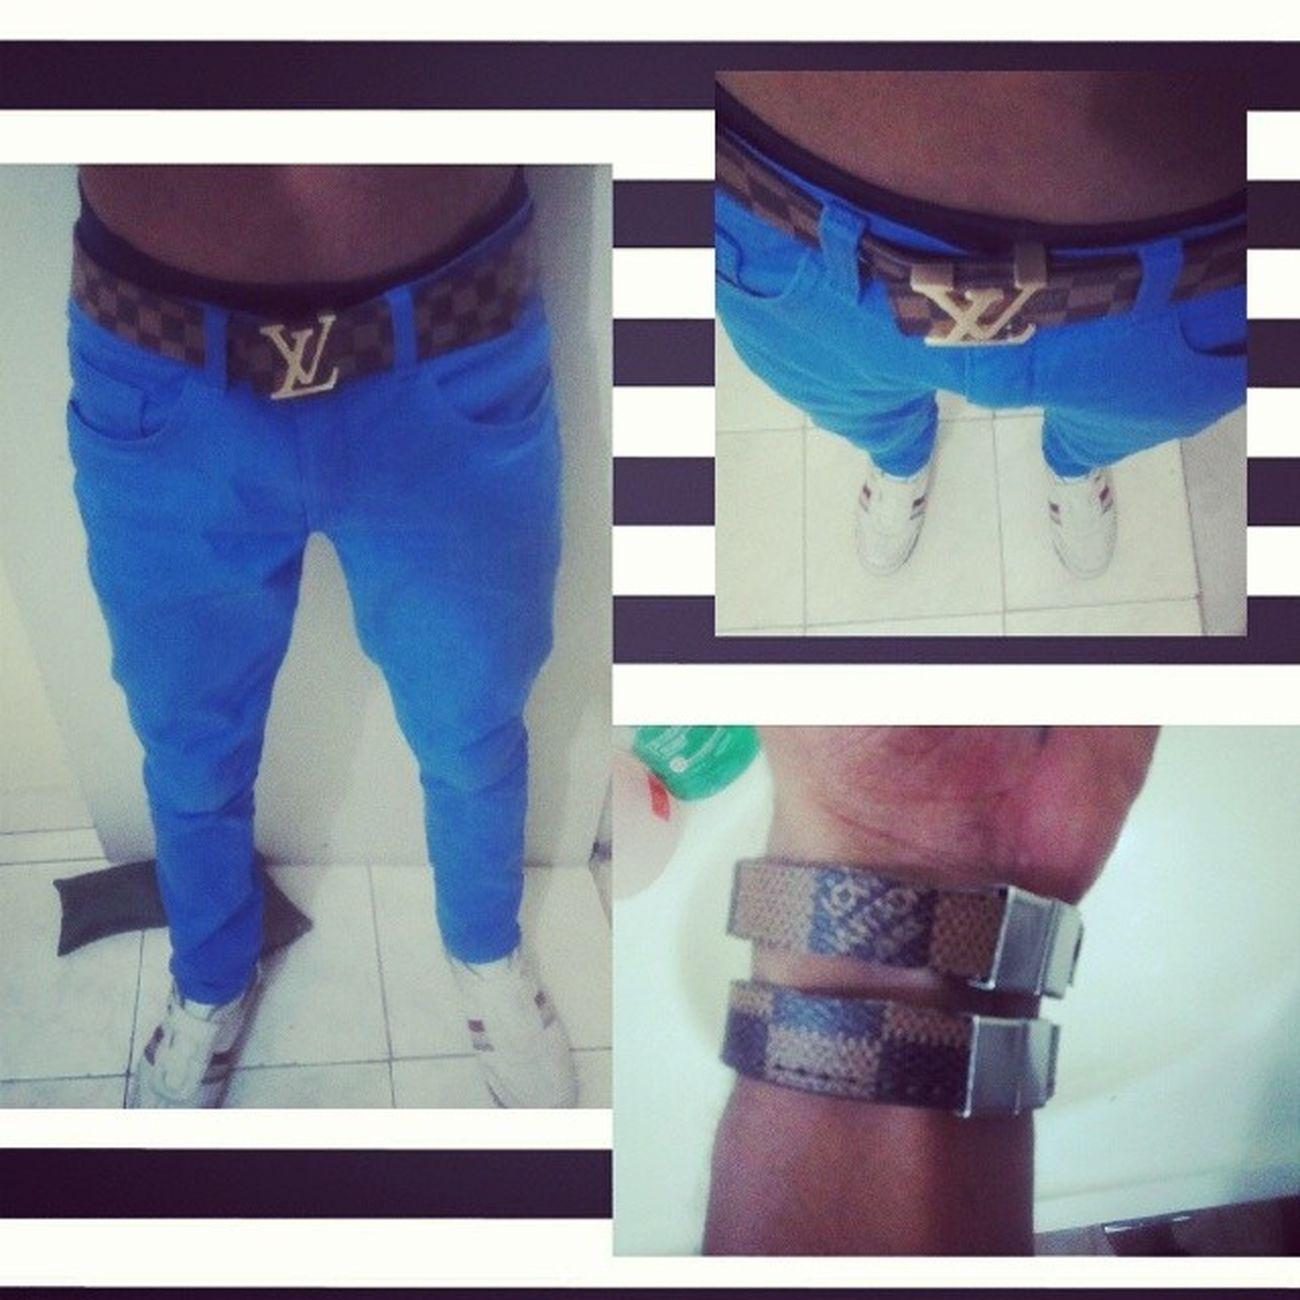 Calca Azul Cinto @louisvuitton Sapato  @colccioficial